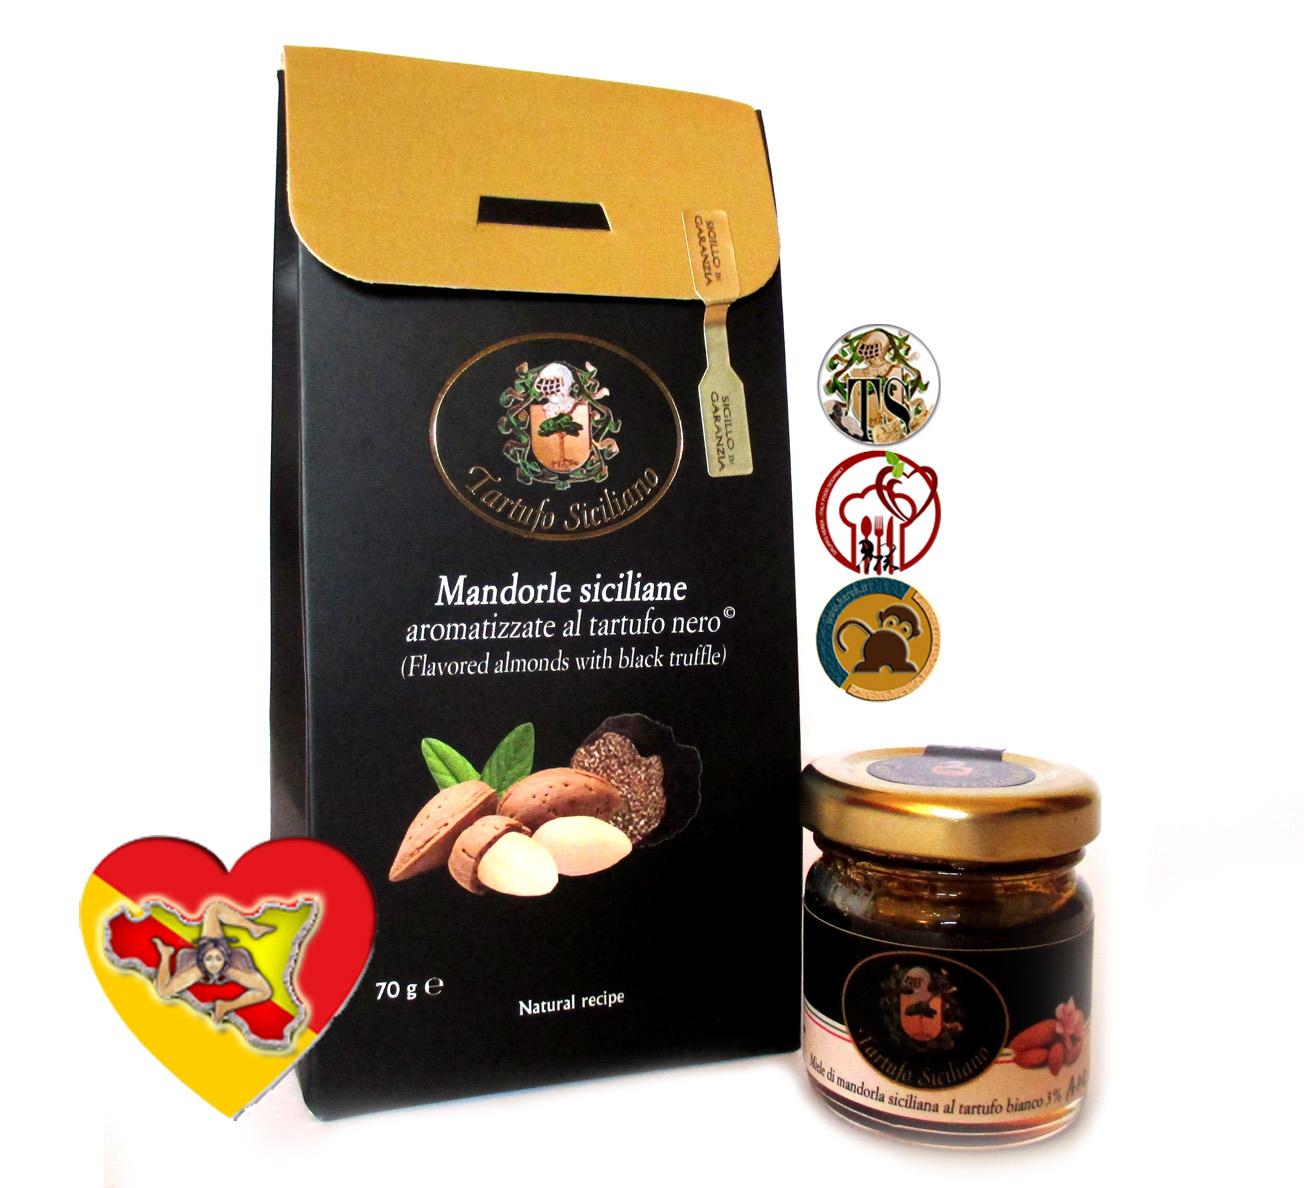 Aperitivo, quelli sfiziosi: Aperol Spritz, Mandorle siciliane al Tartufo, miele al tartufo bianco e cubetti di formaggio